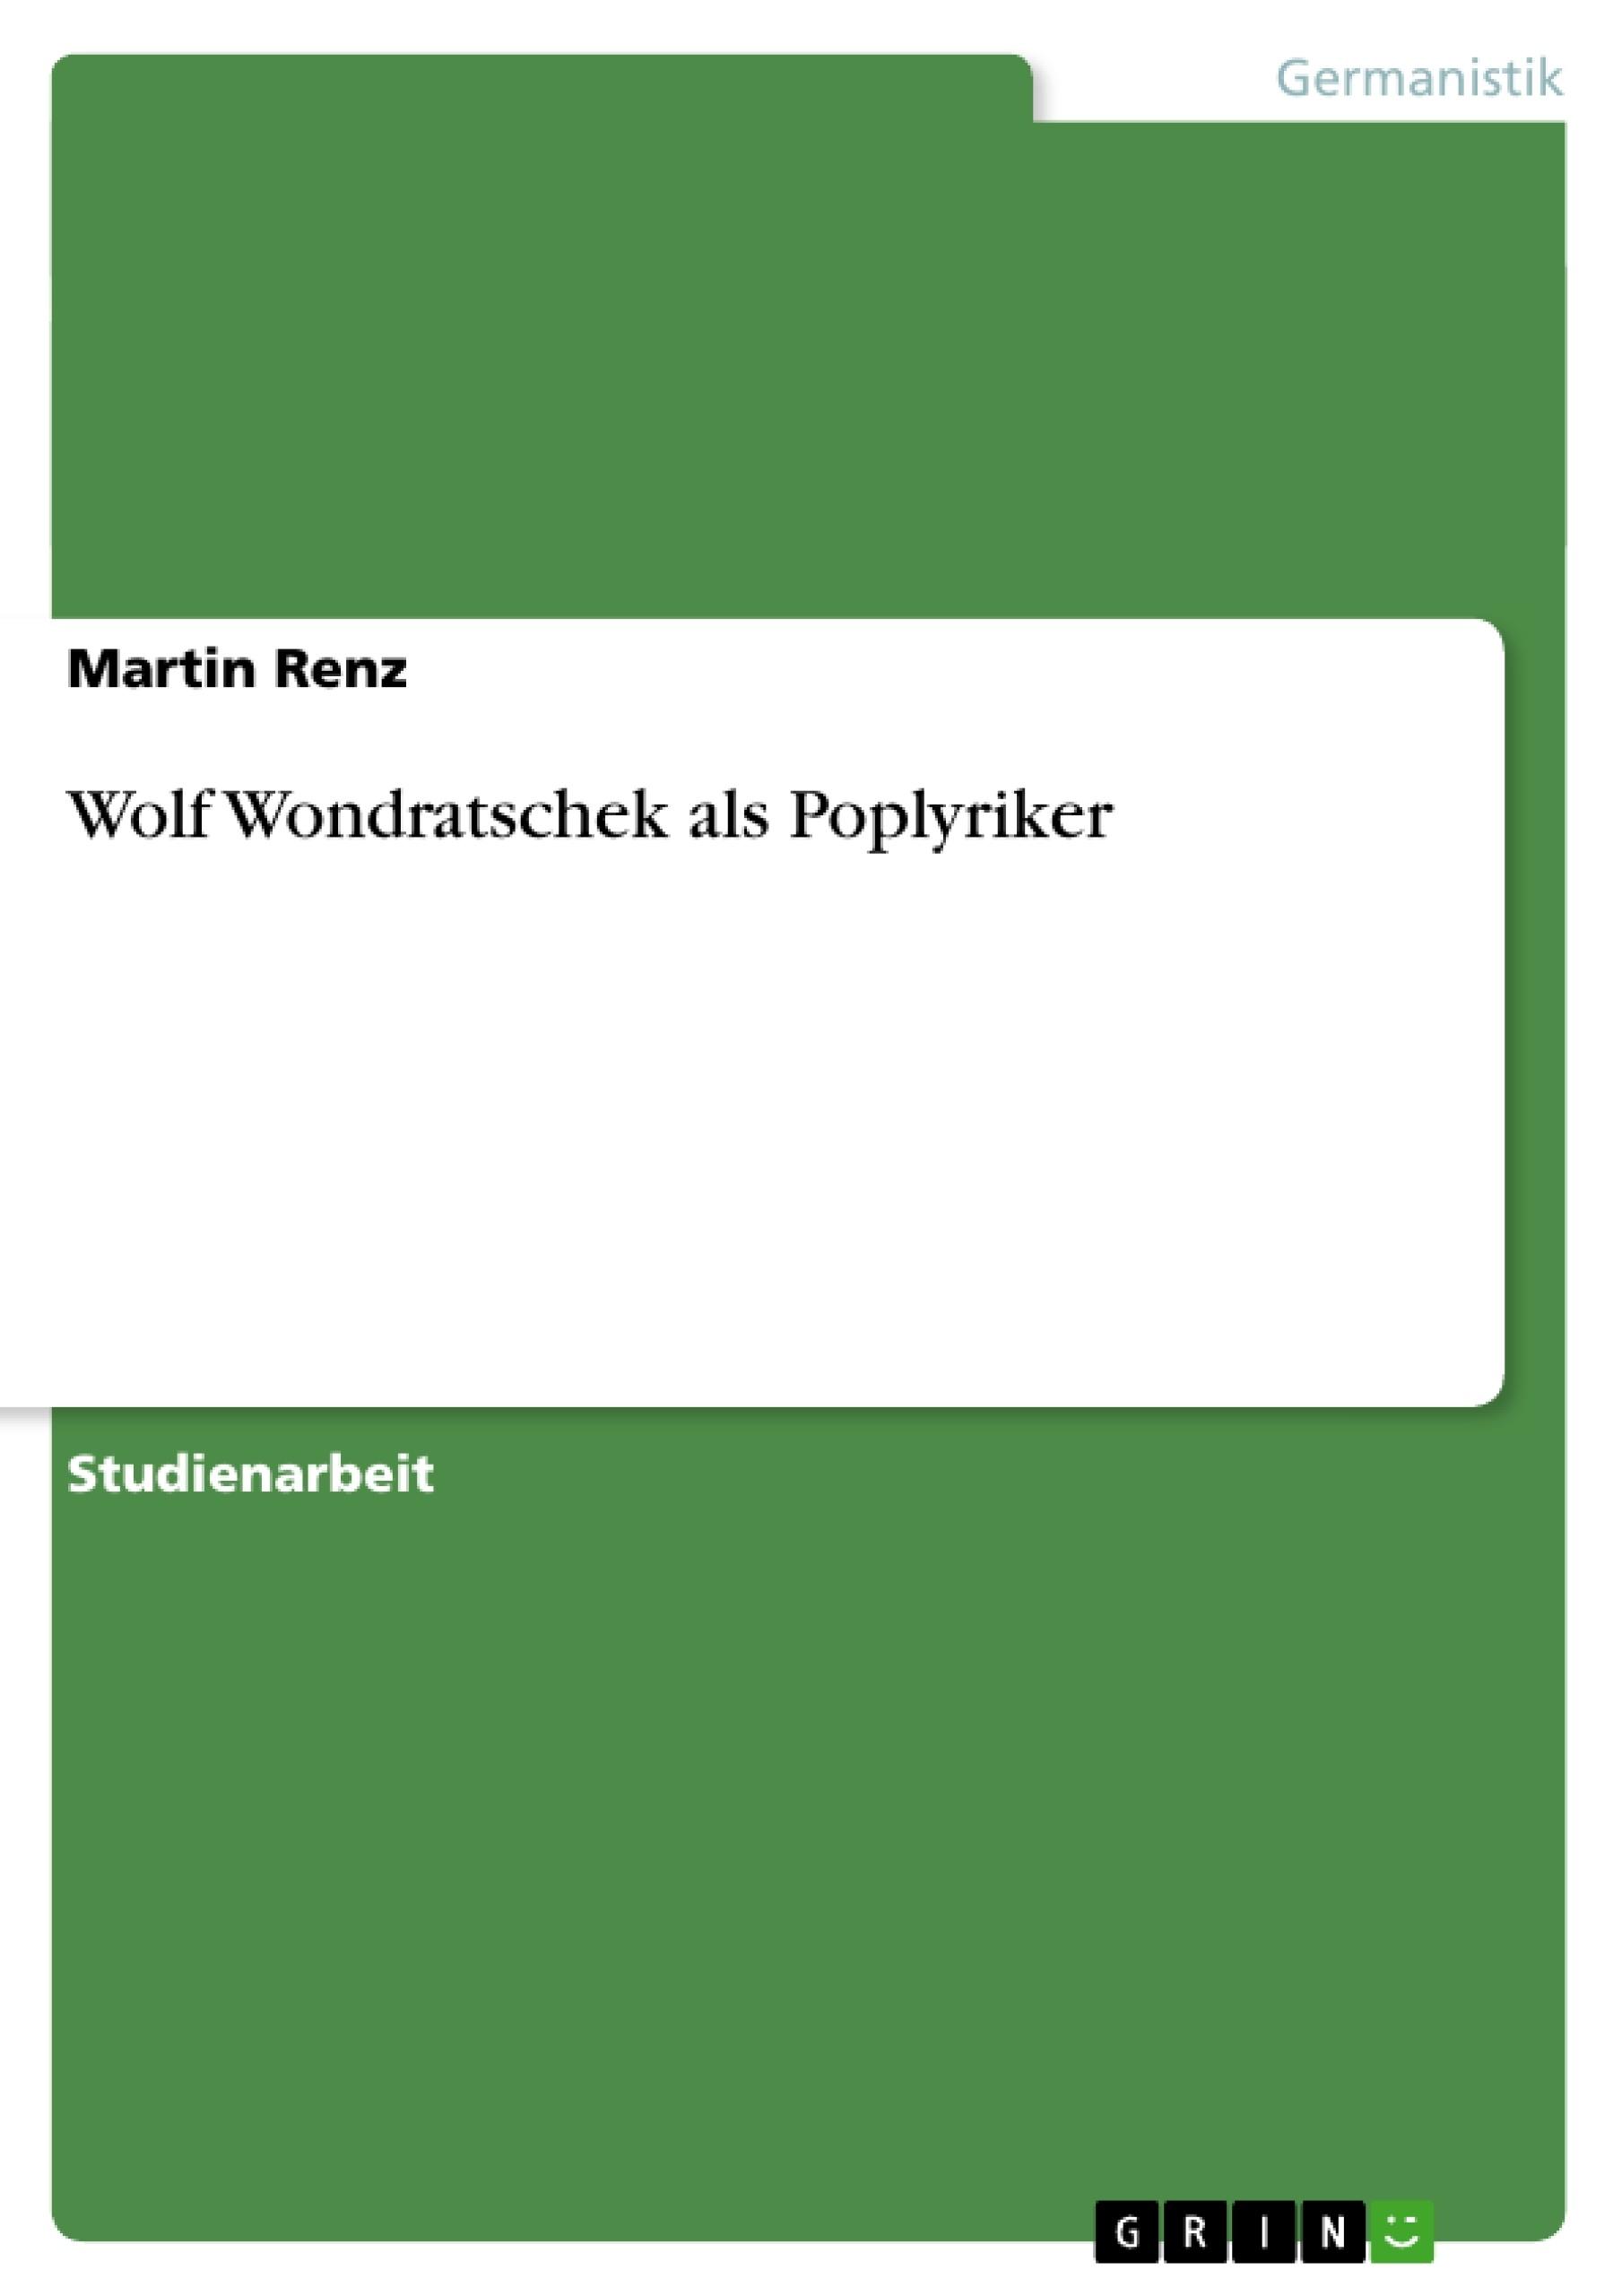 Titel: Wolf Wondratschek als Poplyriker